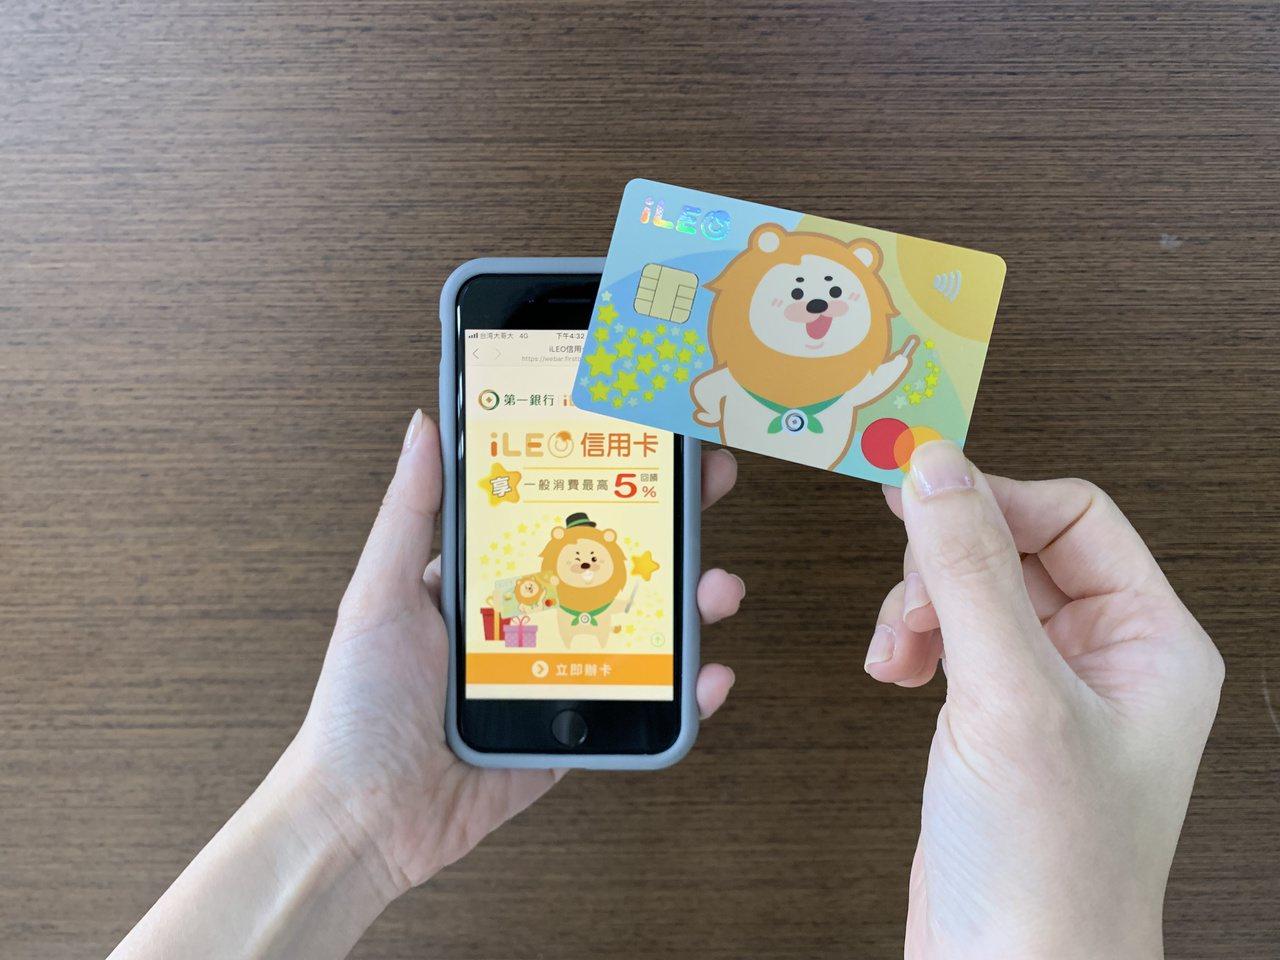 因應金融服務數位轉型潮流,一銀推出「iLEO 信用卡」,刷卡消費高達5%現金回饋...